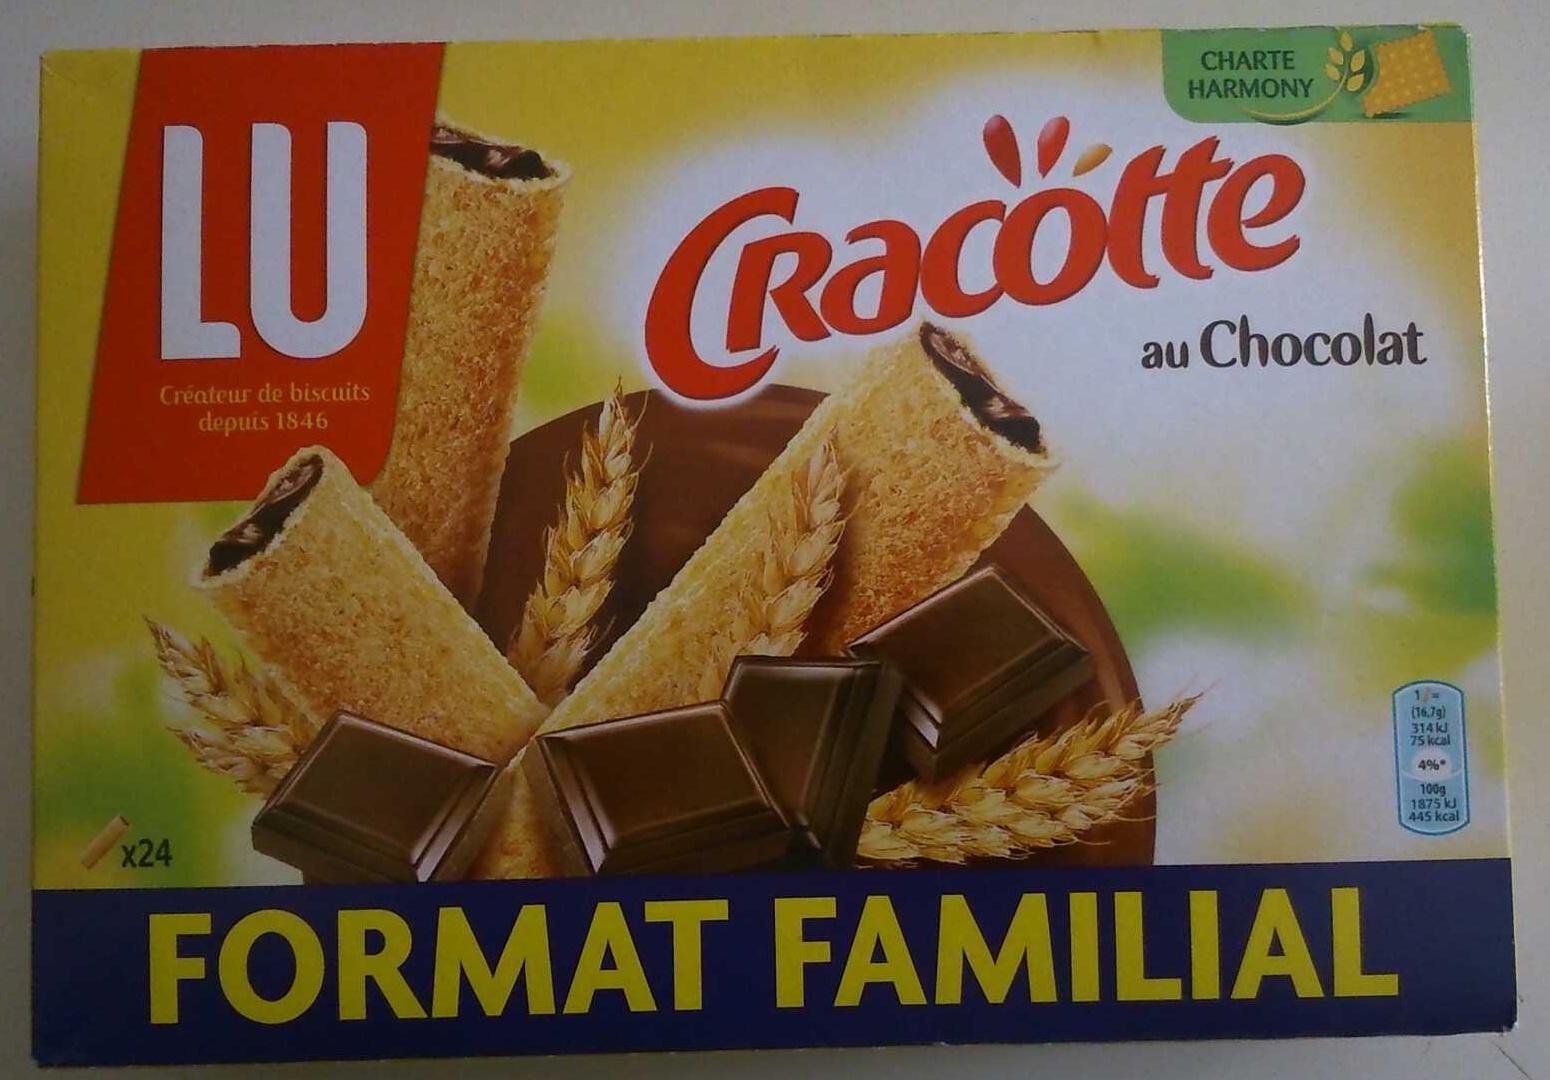 Cracotte au chocolat - Produit - fr